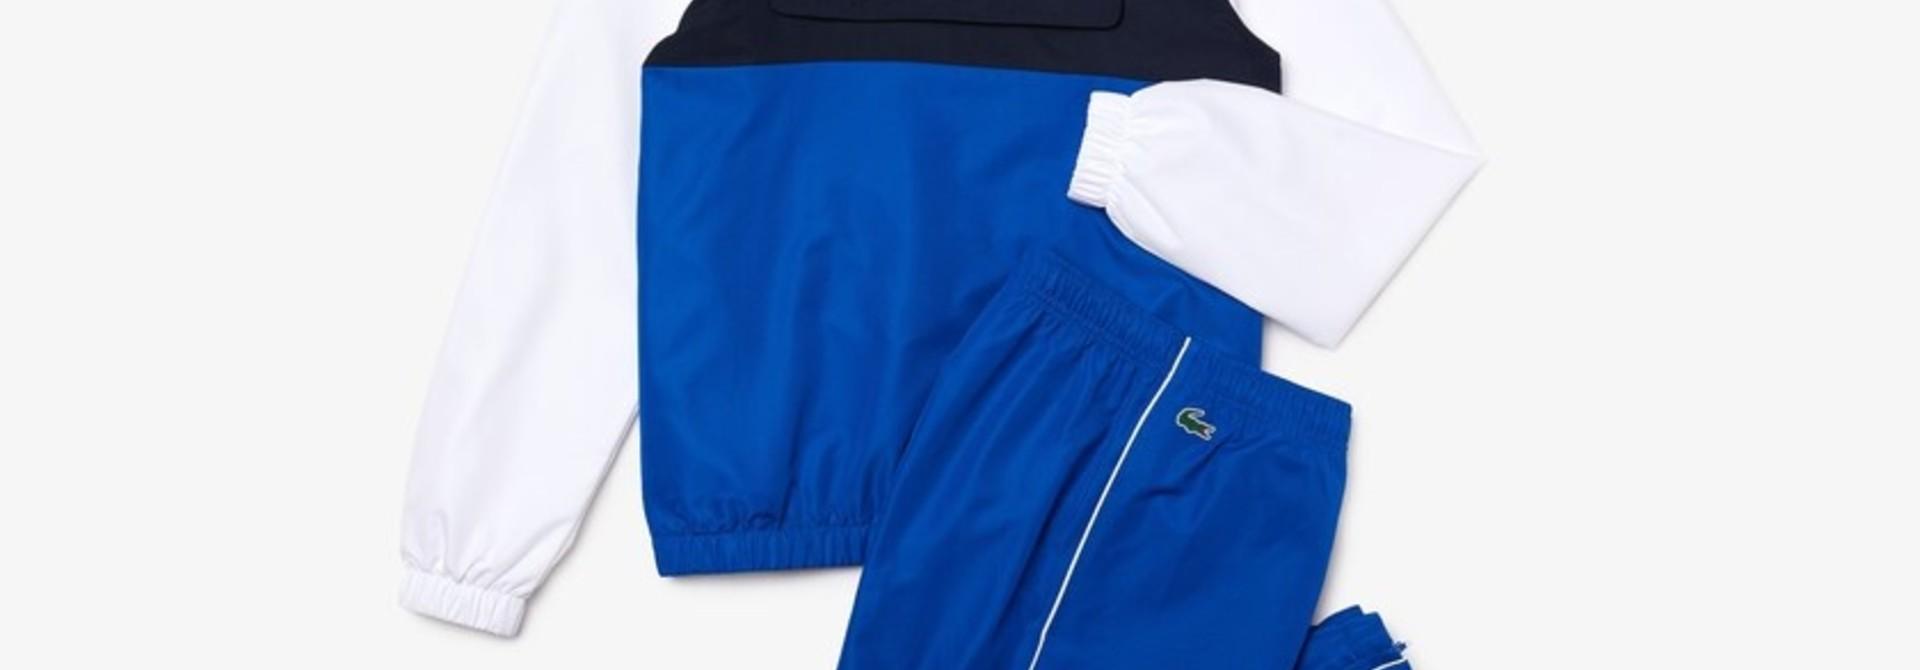 Lacoste sport trainingspak heren Blue/white